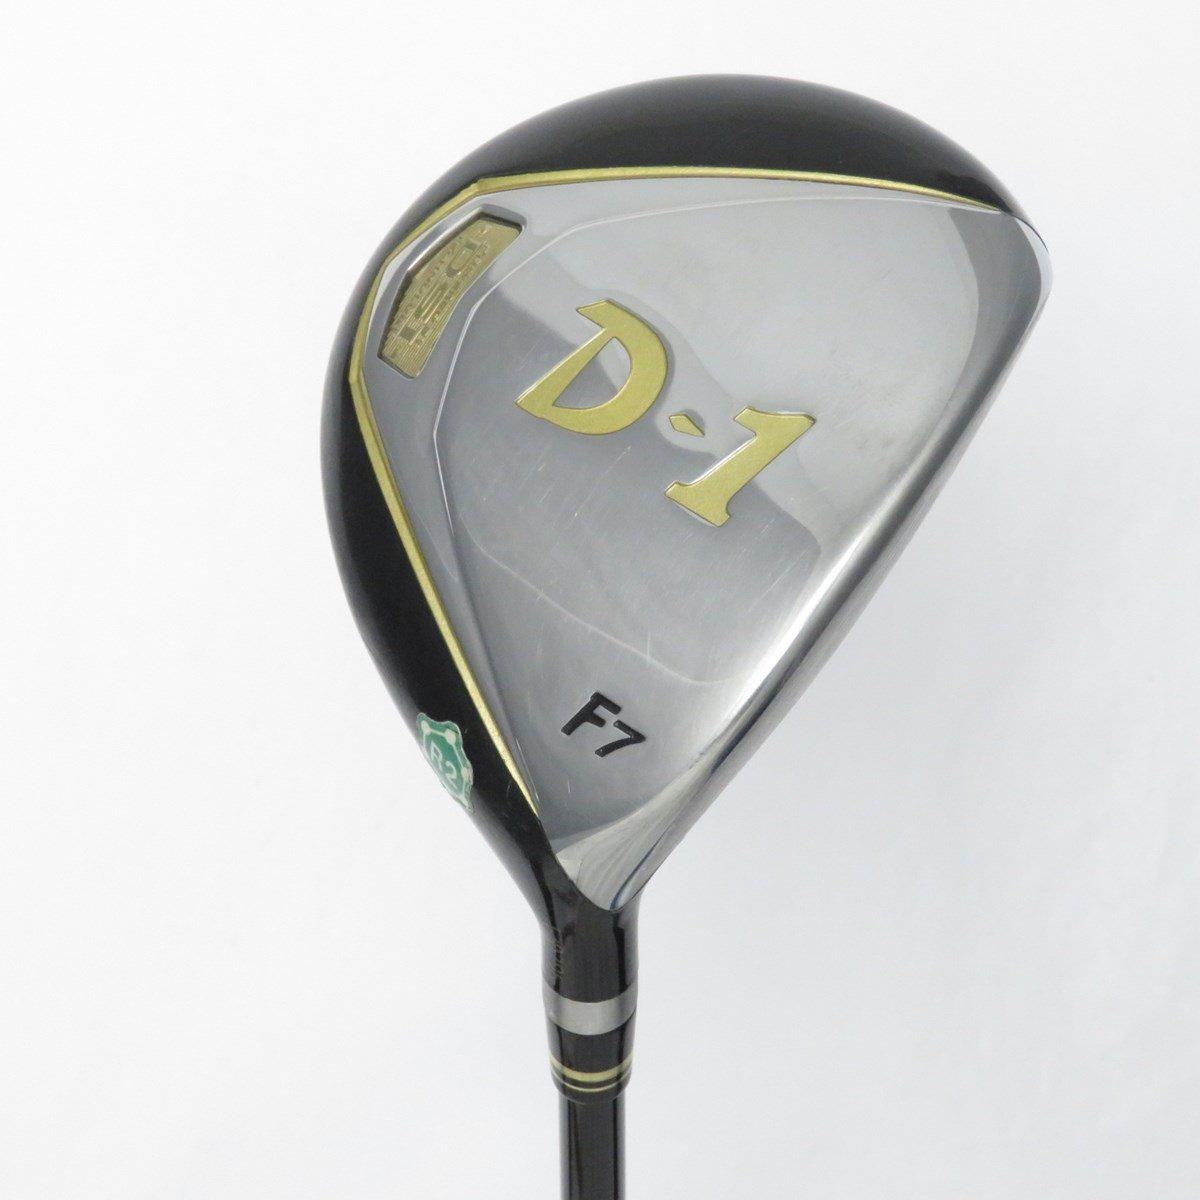 【中古】リョーマ ゴルフ RYOMA GOLF Ryoma D-1 F(メーカー公認中古) フェアウェイウッド Tour AD RYOMA F 【7W】 B07D7V1BY2  R2